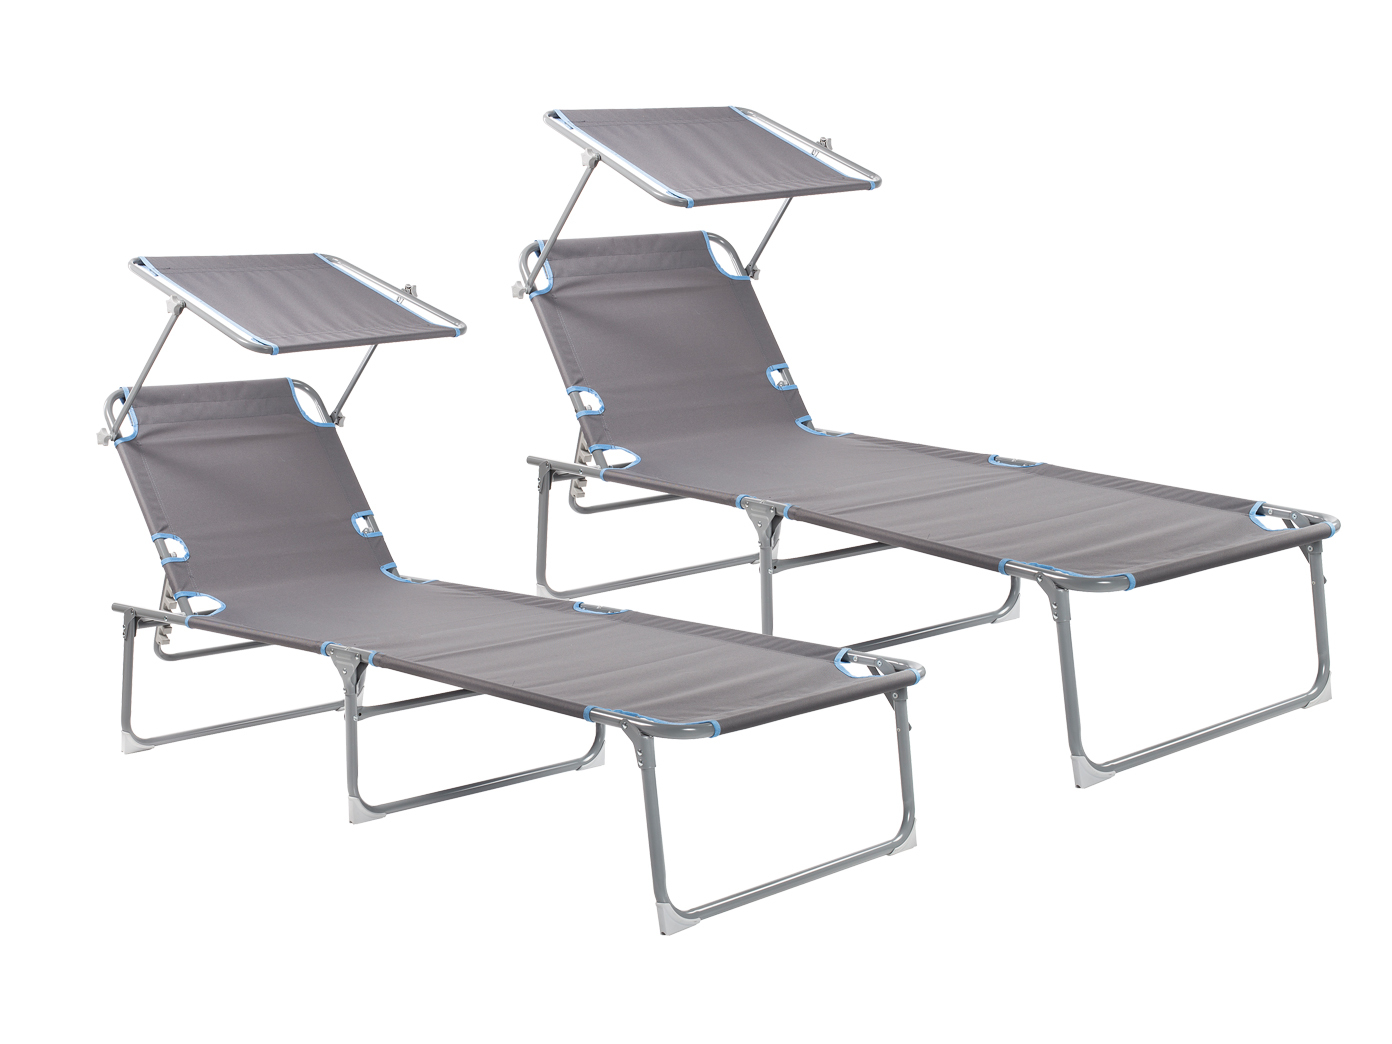 2er set sonnenliege mit dach verstellbar bis 120 kg strandliege gartenliege ebay. Black Bedroom Furniture Sets. Home Design Ideas